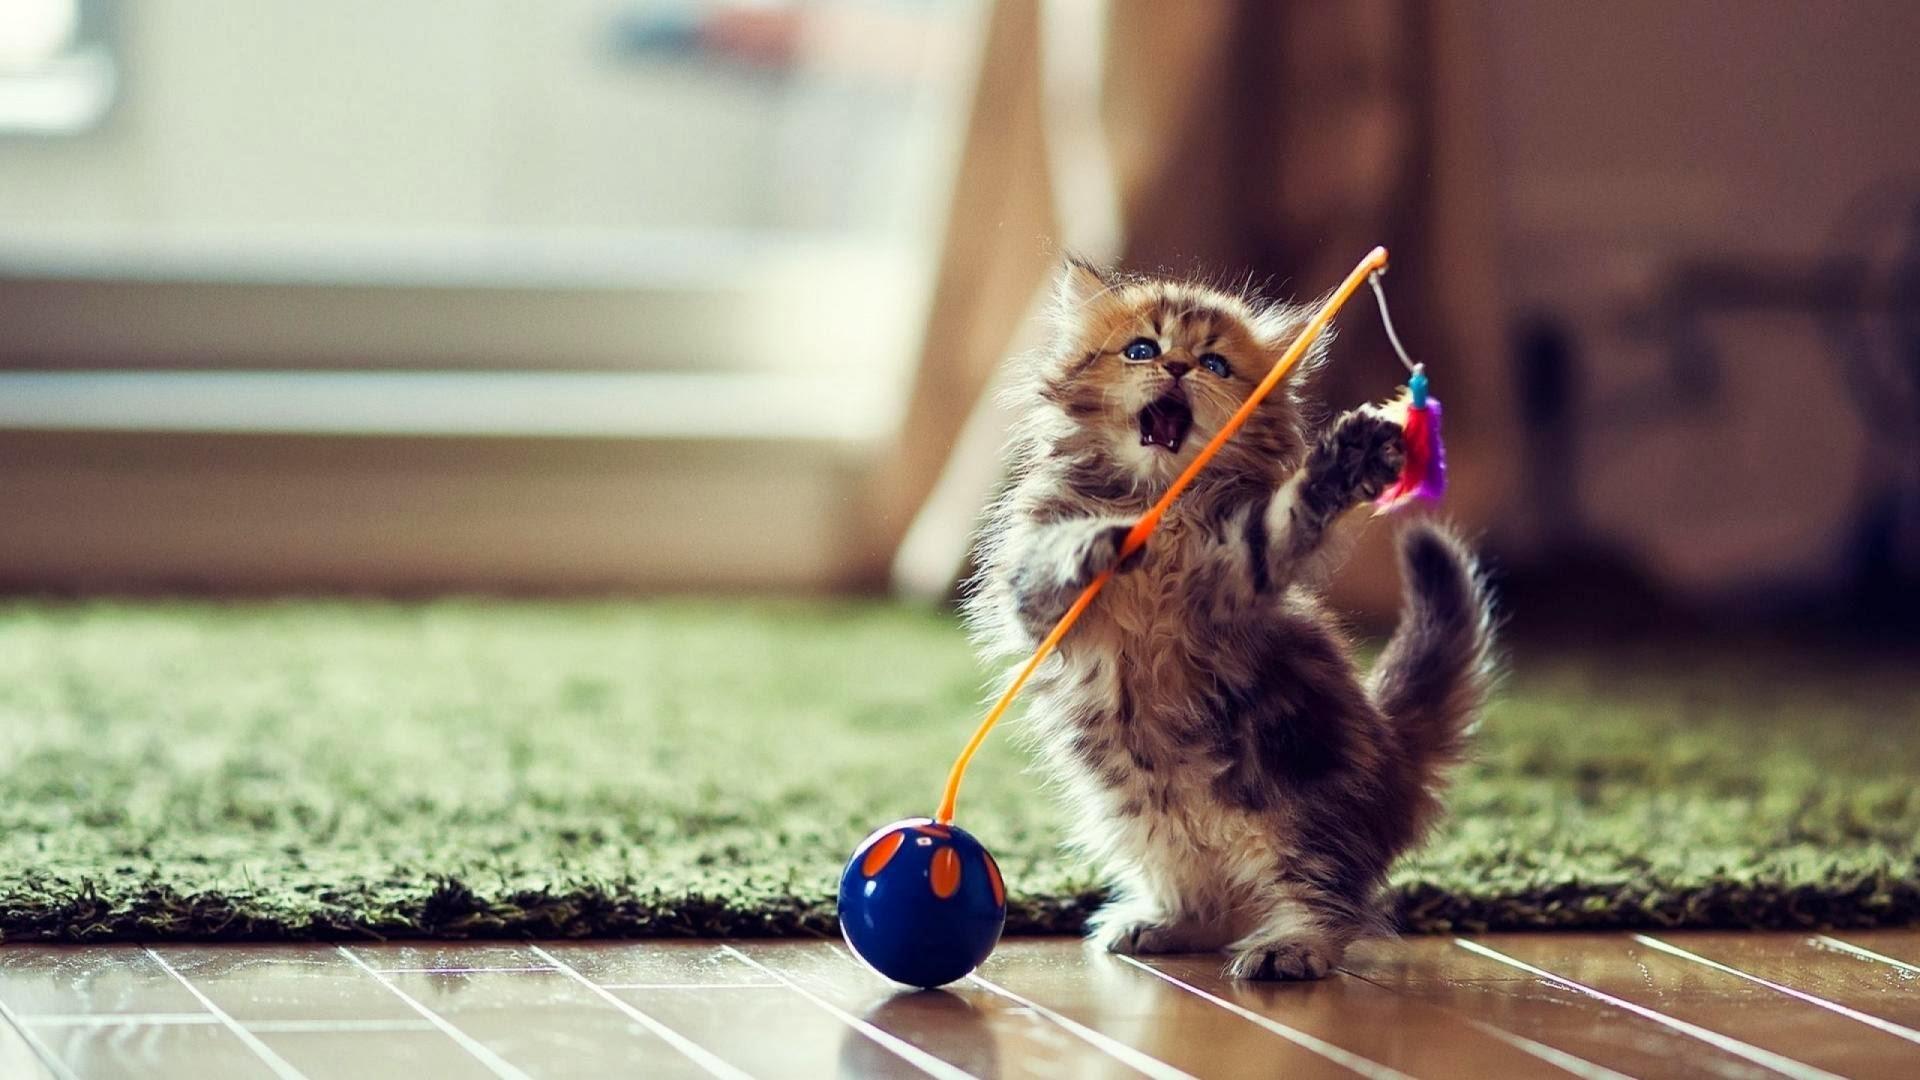 Cat Wallpaper Desktop 68 Pictures